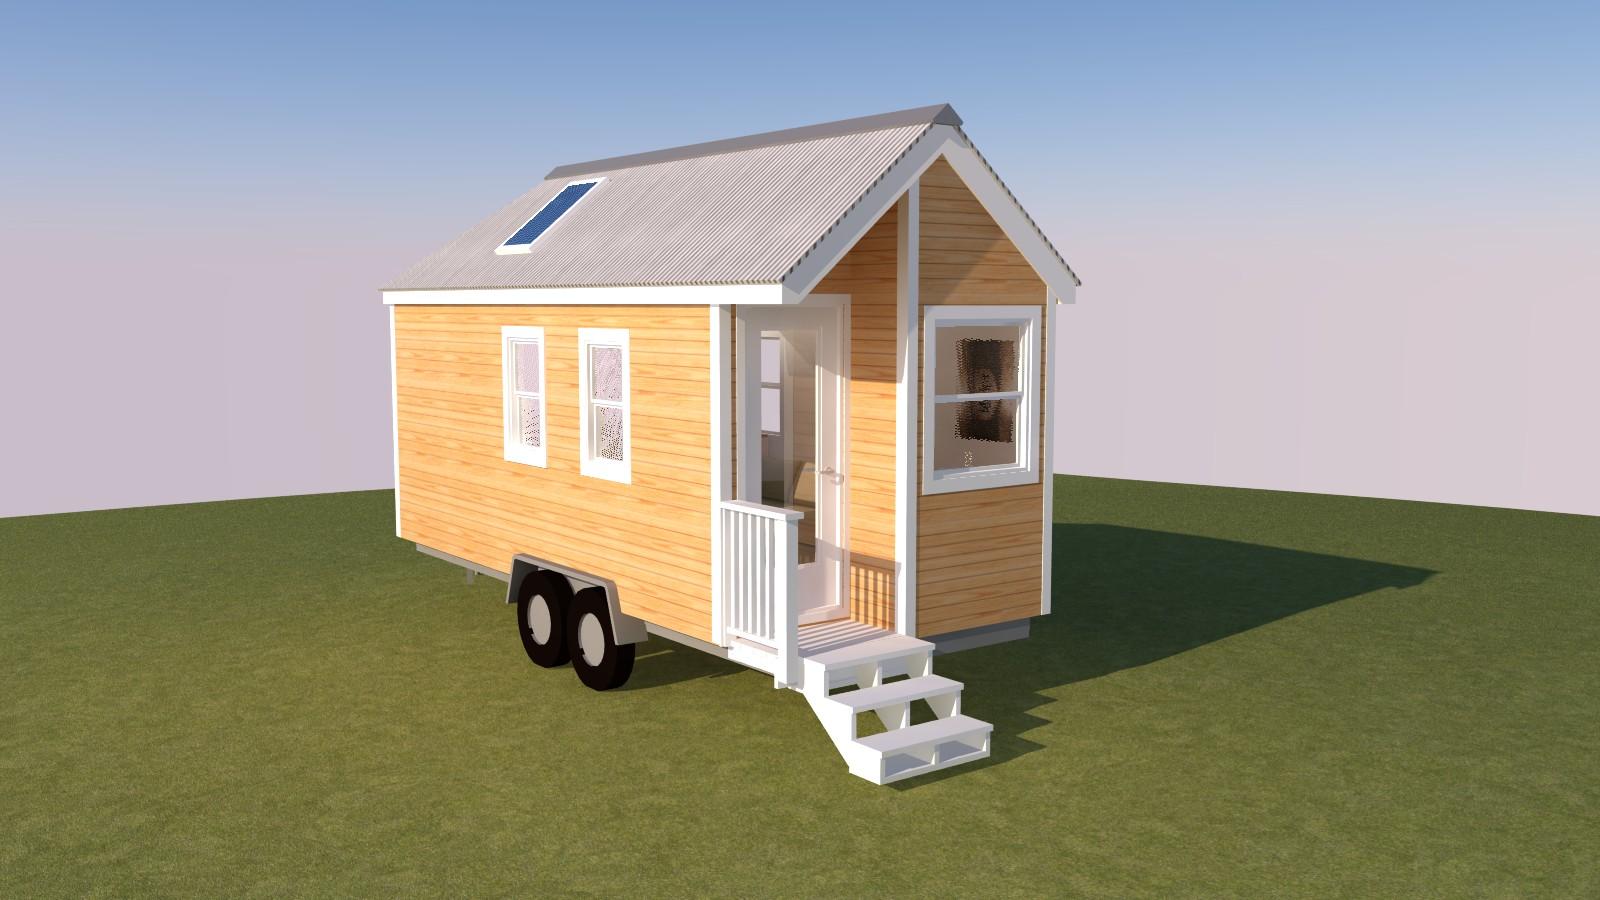 Caspar 20 Tiny House Exterior Front Left